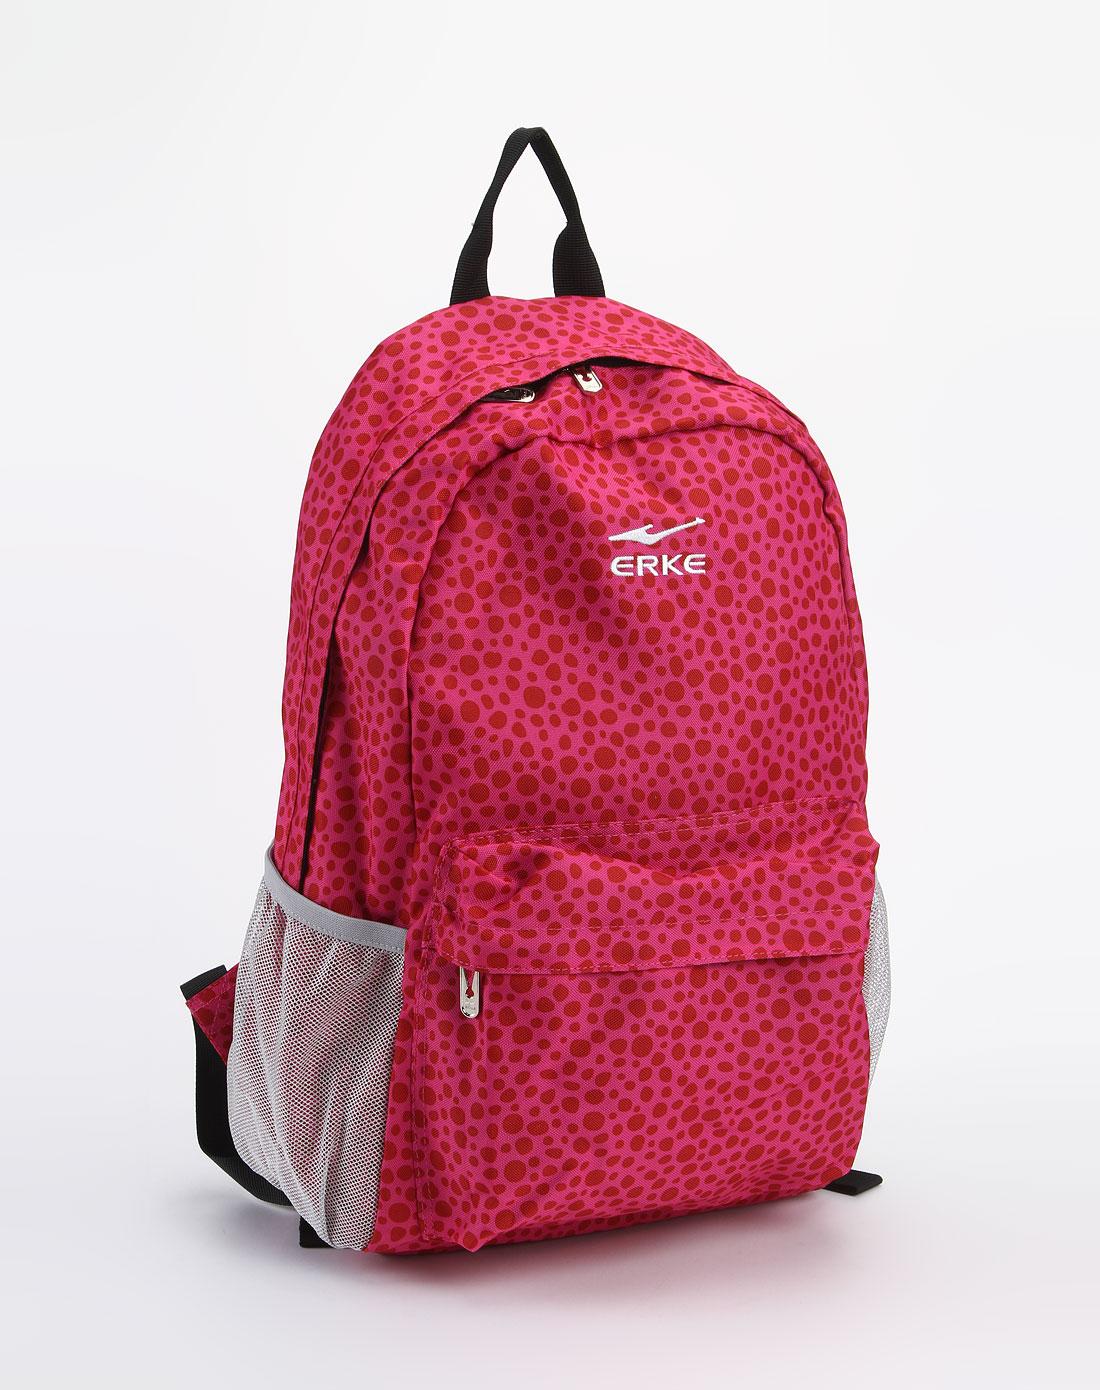 鸿星尔克erke女款玫红色时尚双肩背包10312201044-20